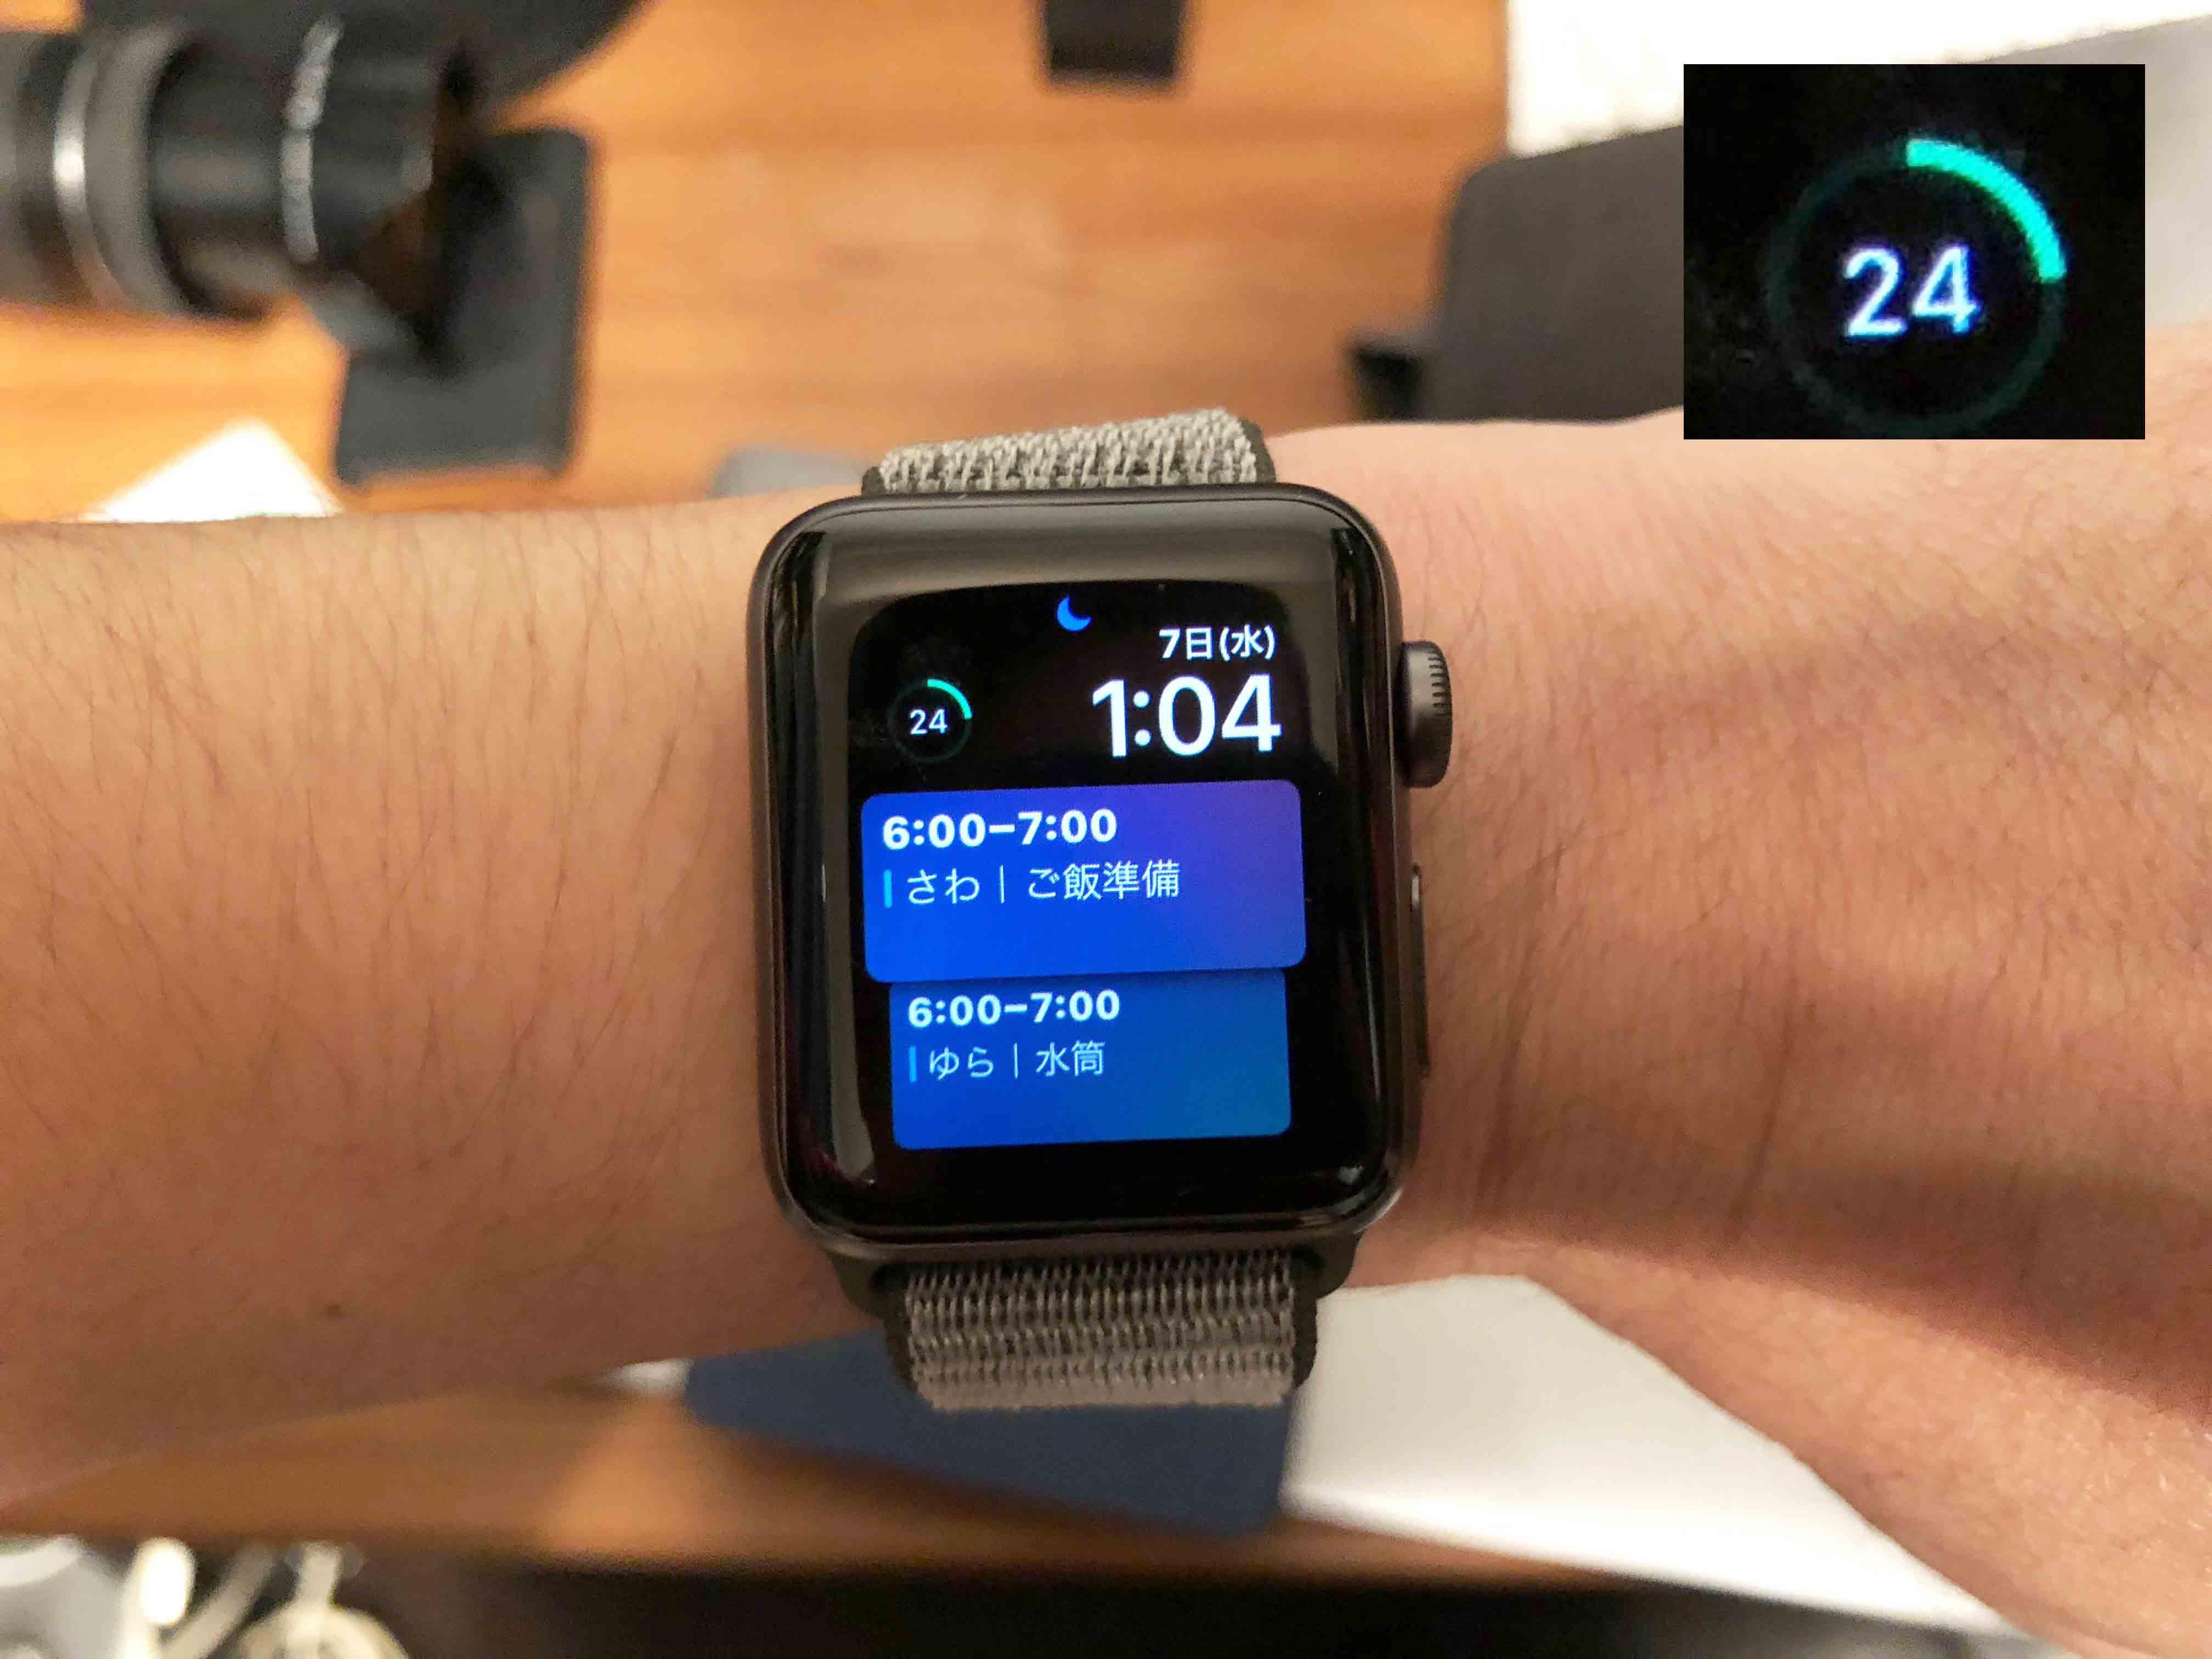 AppleWatchバッテリー24%に関する写真.